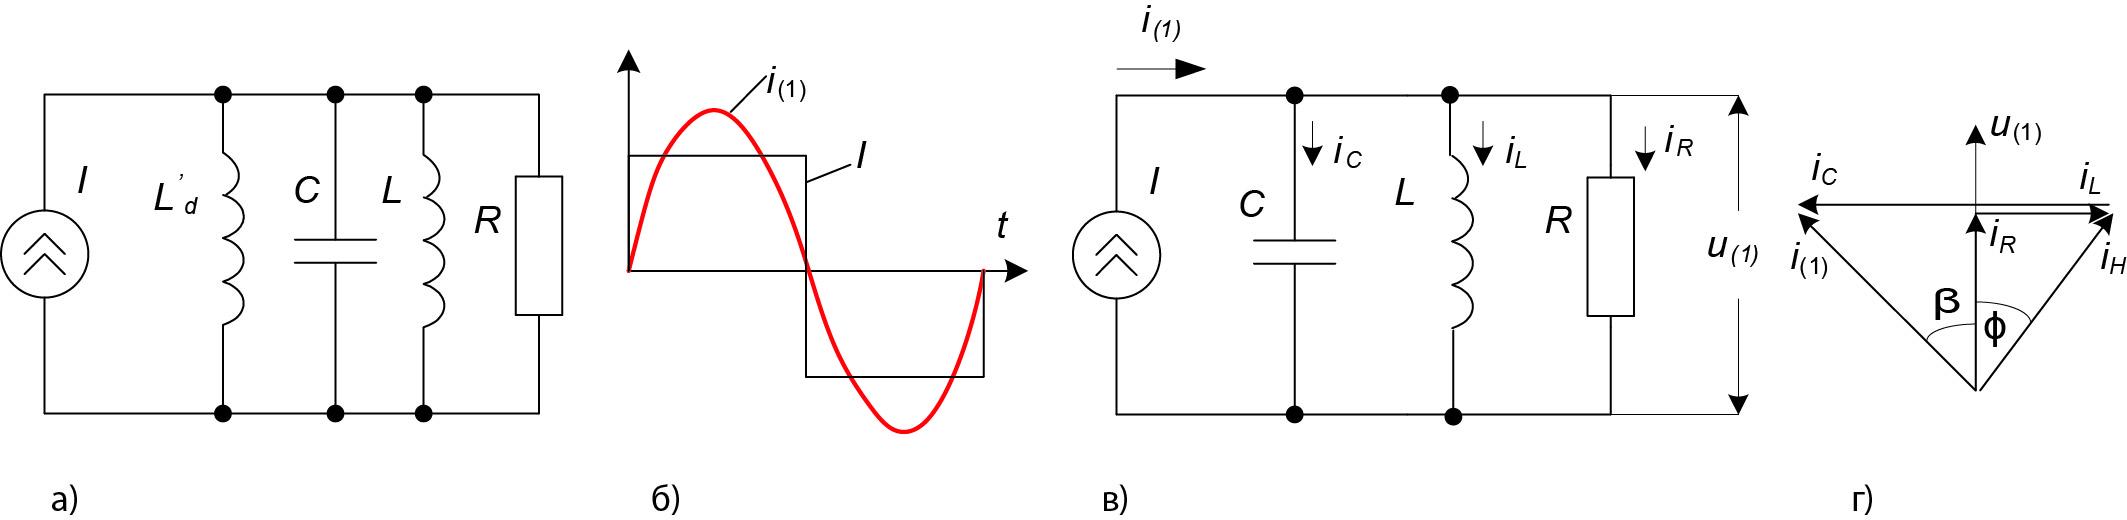 Эквивалентная схема однофазного параллельного инвертора